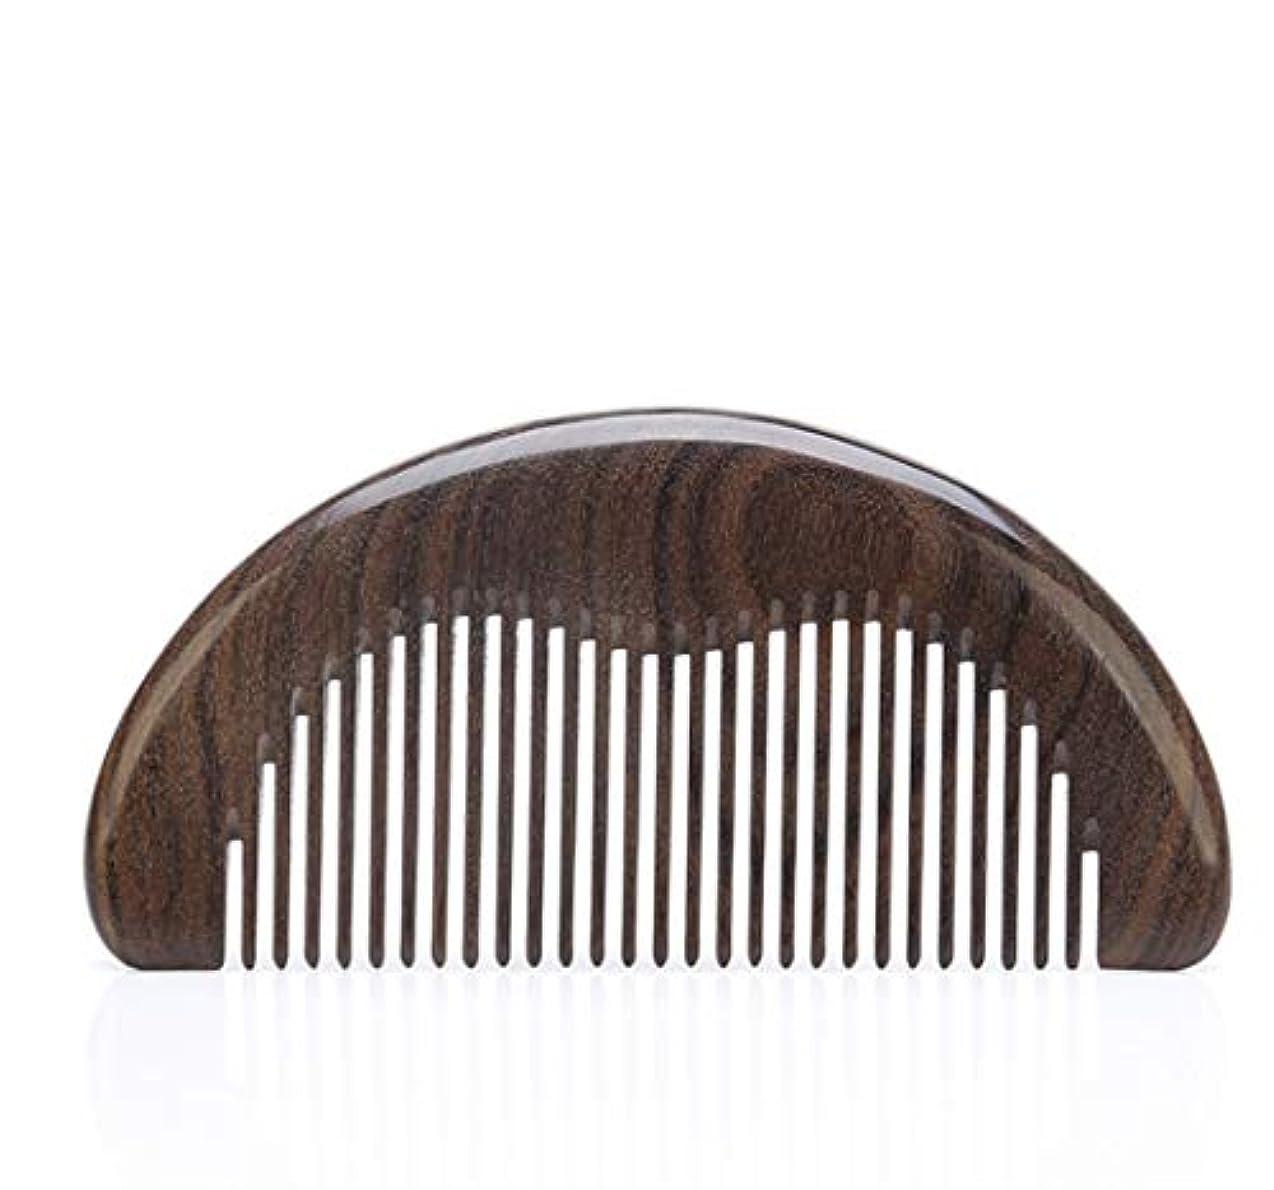 ソブリケットフラスコサバント大密度の歯の櫛は、ヘアブラシを傷つけないでください Peisui (色 : A)